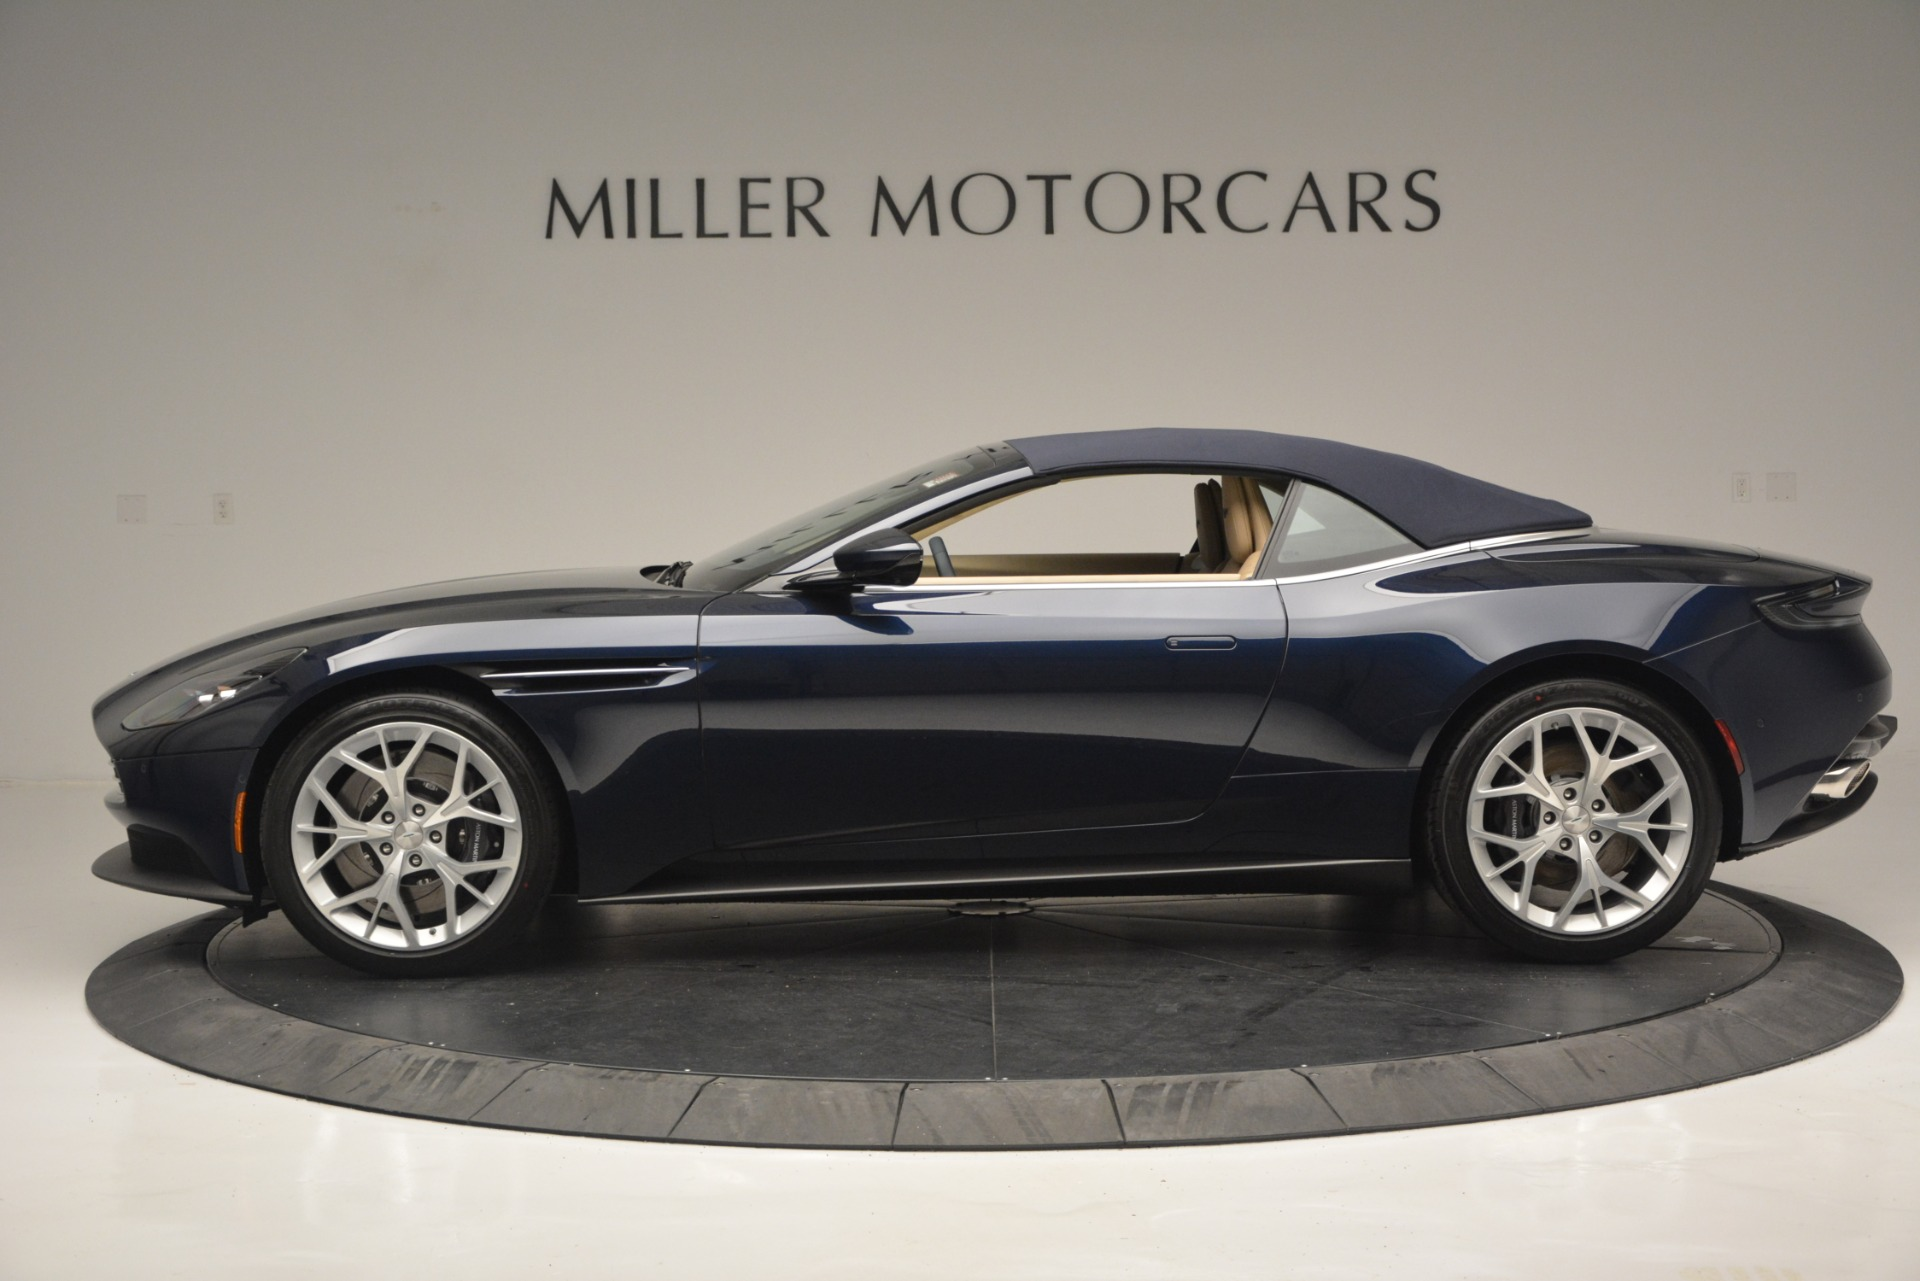 New 2019 Aston Martin DB11 Volante Volante For Sale In Greenwich, CT 2594_p15